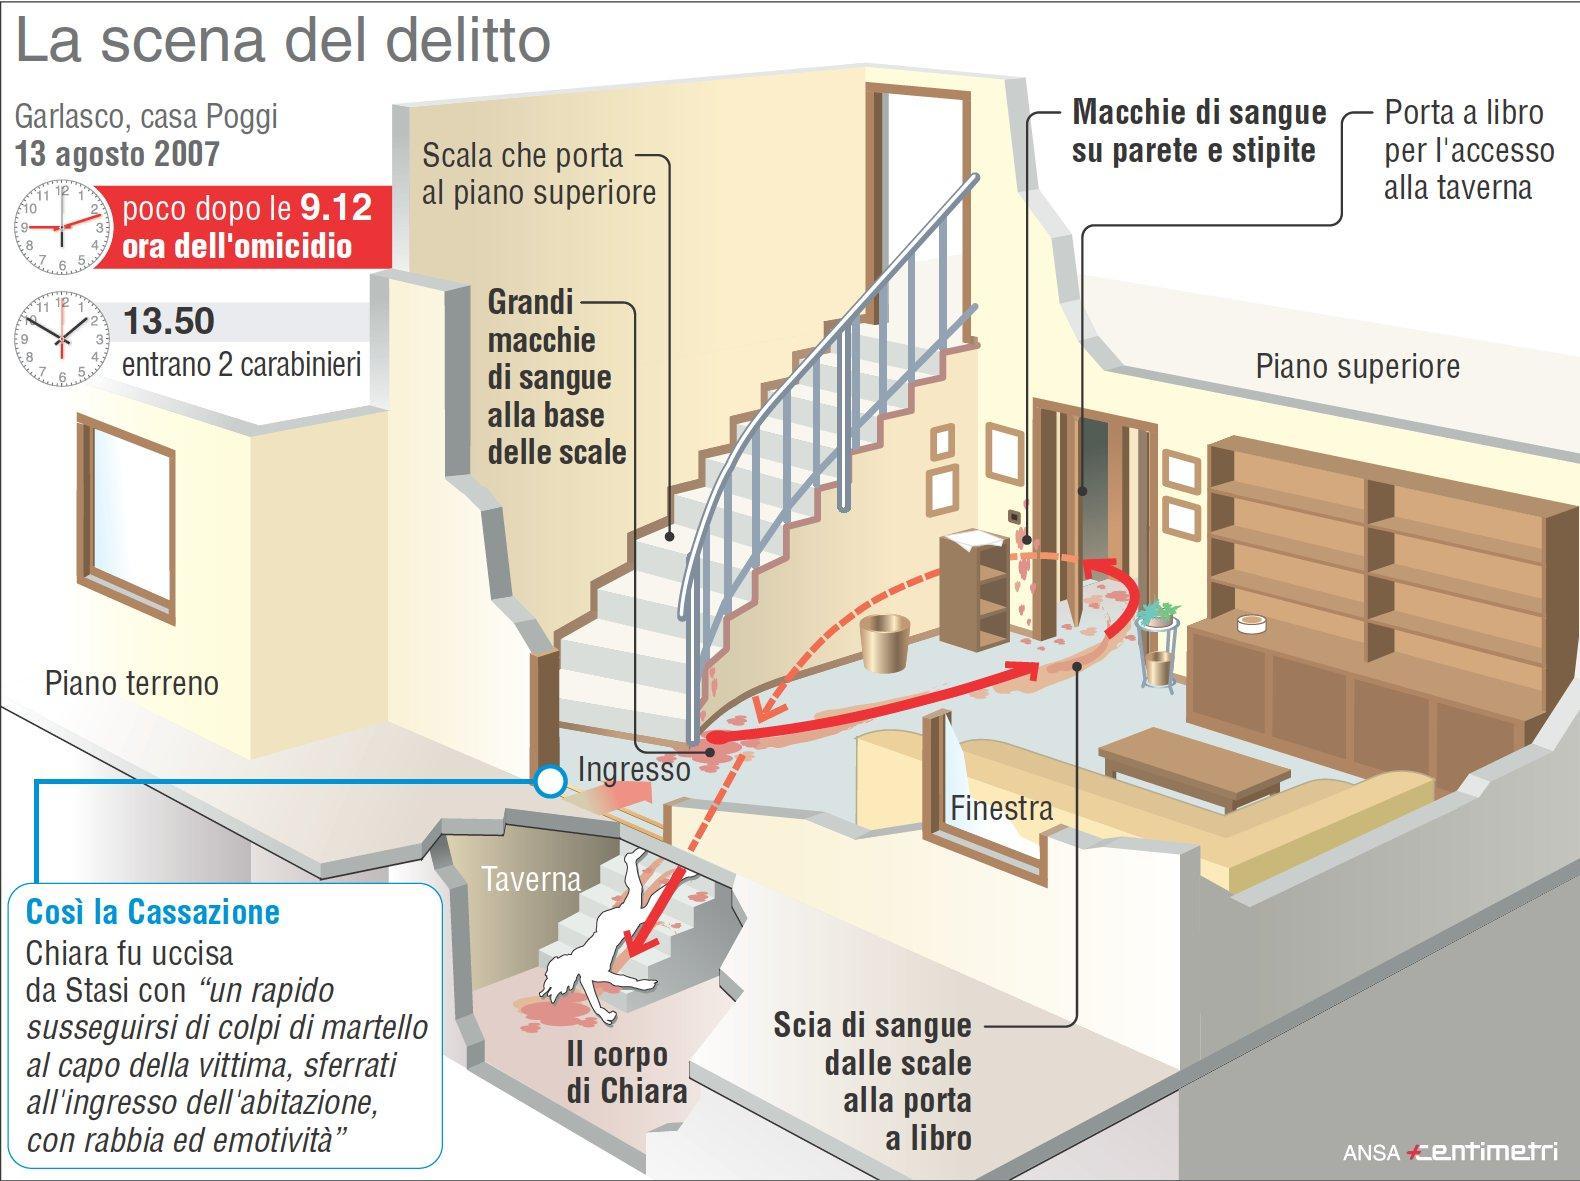 Garlasco, la scena del delitto di Chiara Poggi